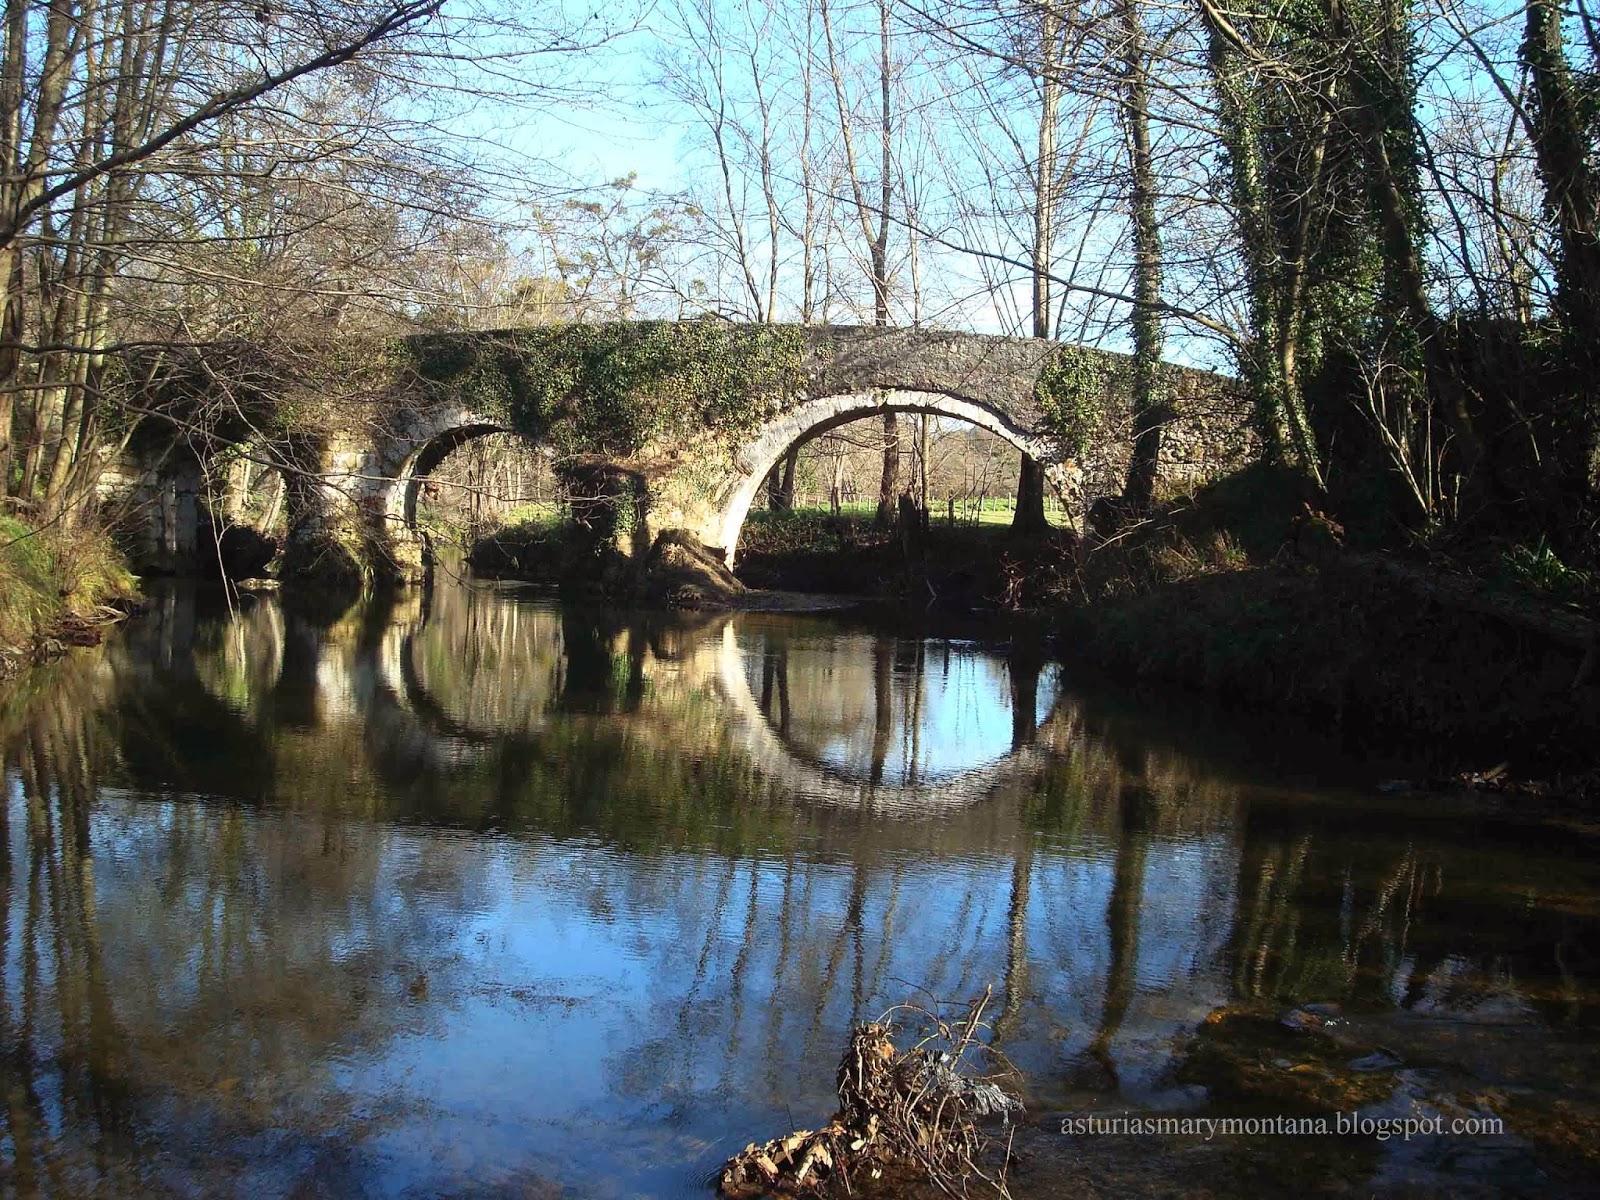 Asturias mar y monta a pr as senda fluvial del r o nora - El tiempo en siero asturias ...